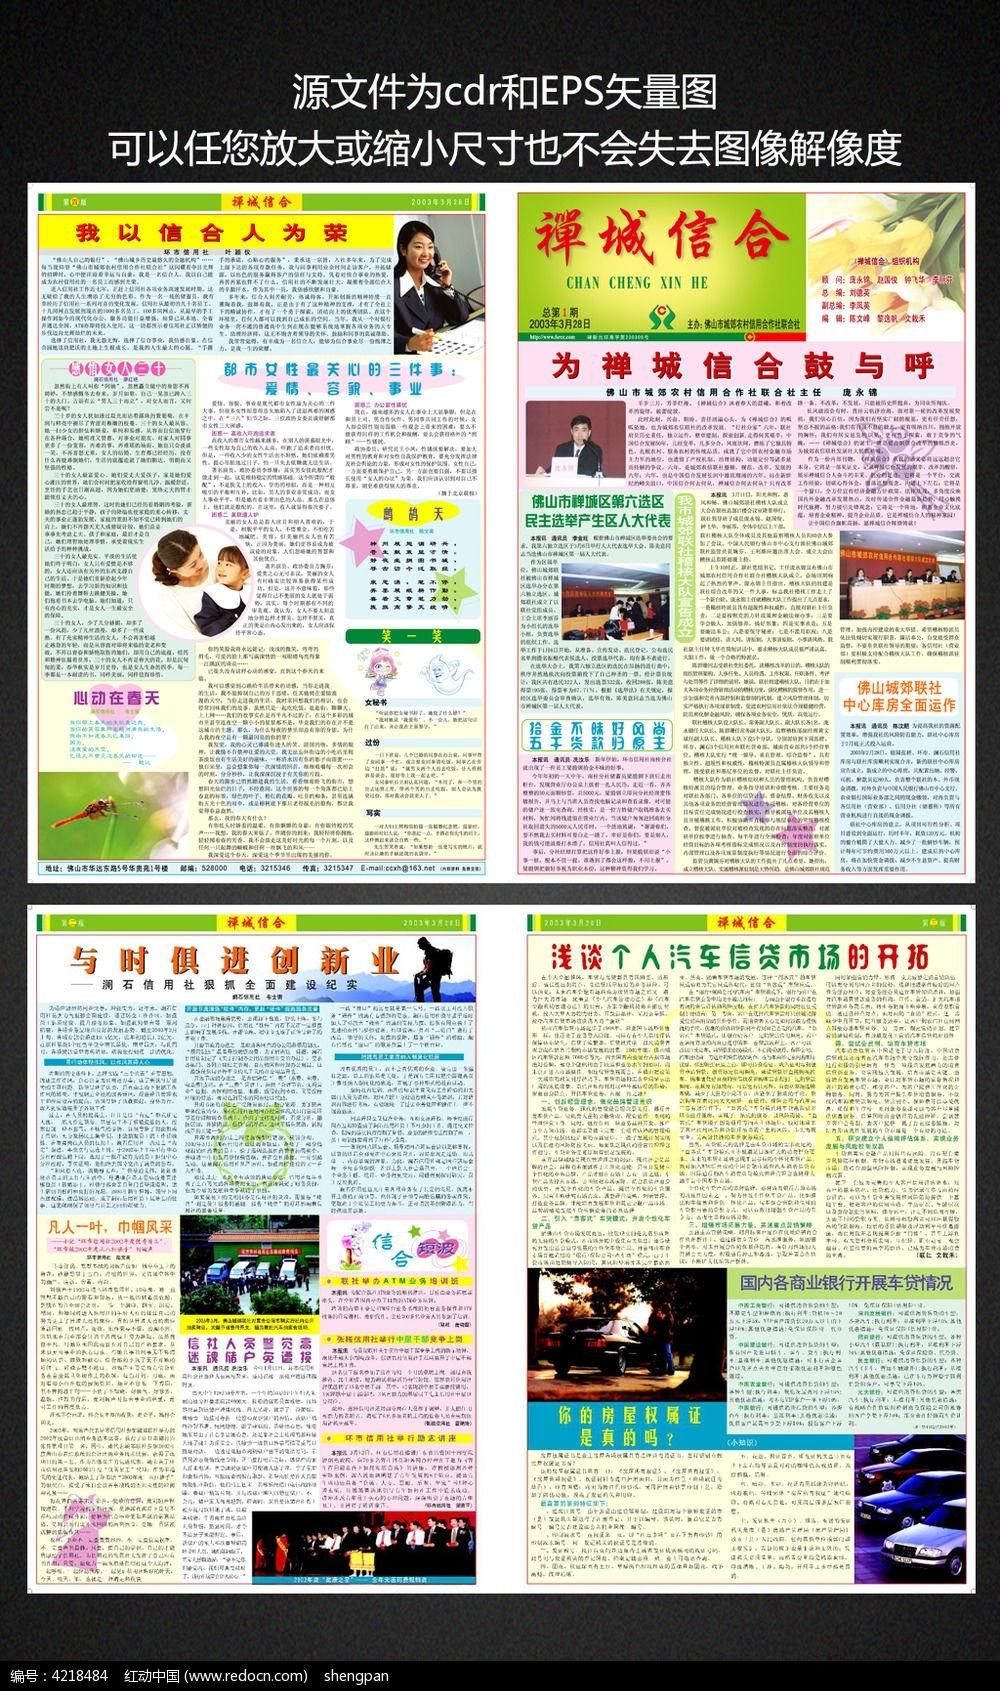 金融企业报纸期刊设计图片